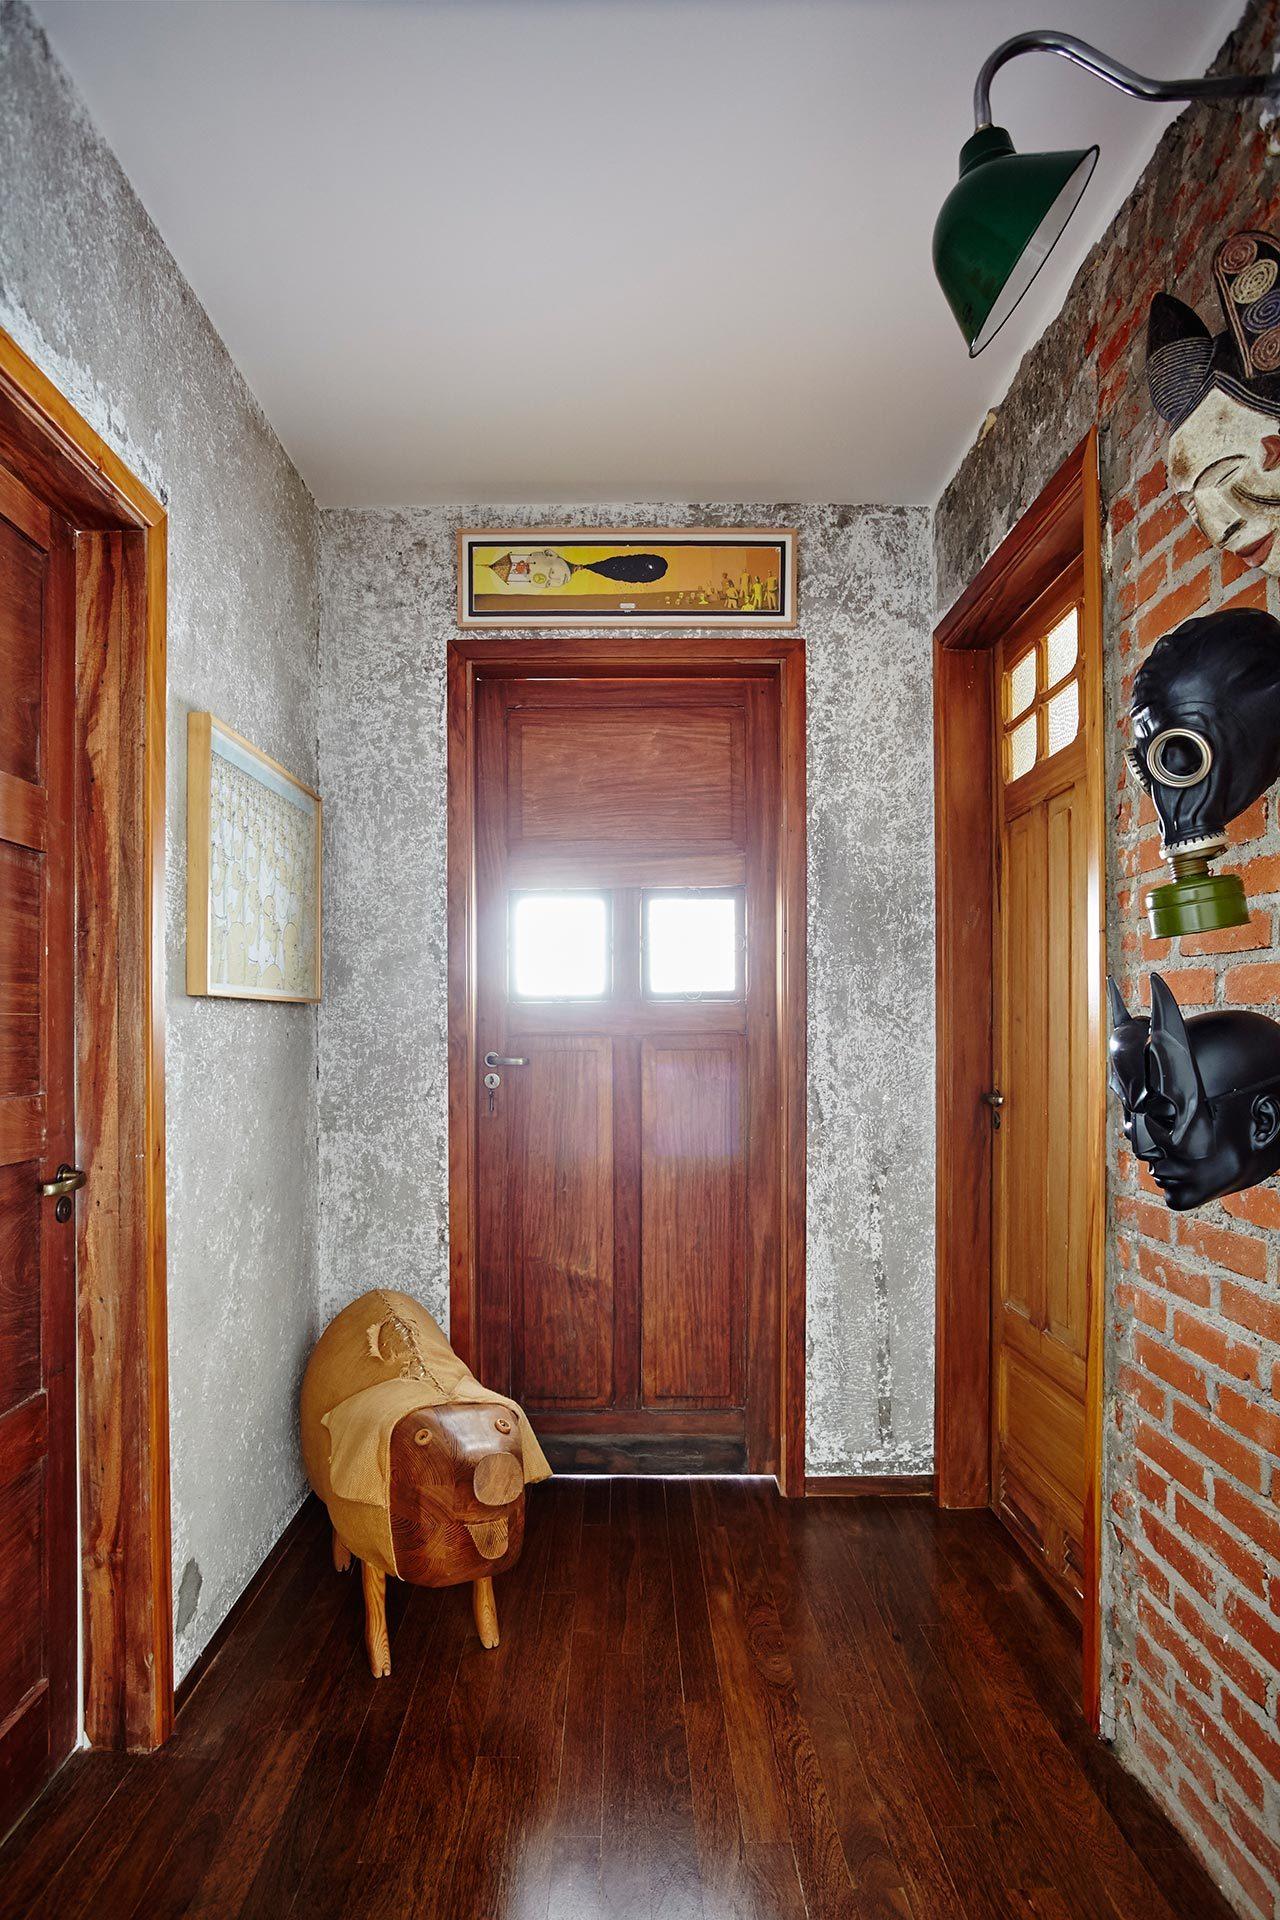 中世纪的现代主义公寓波希米亚风格反映业主的个性和审美